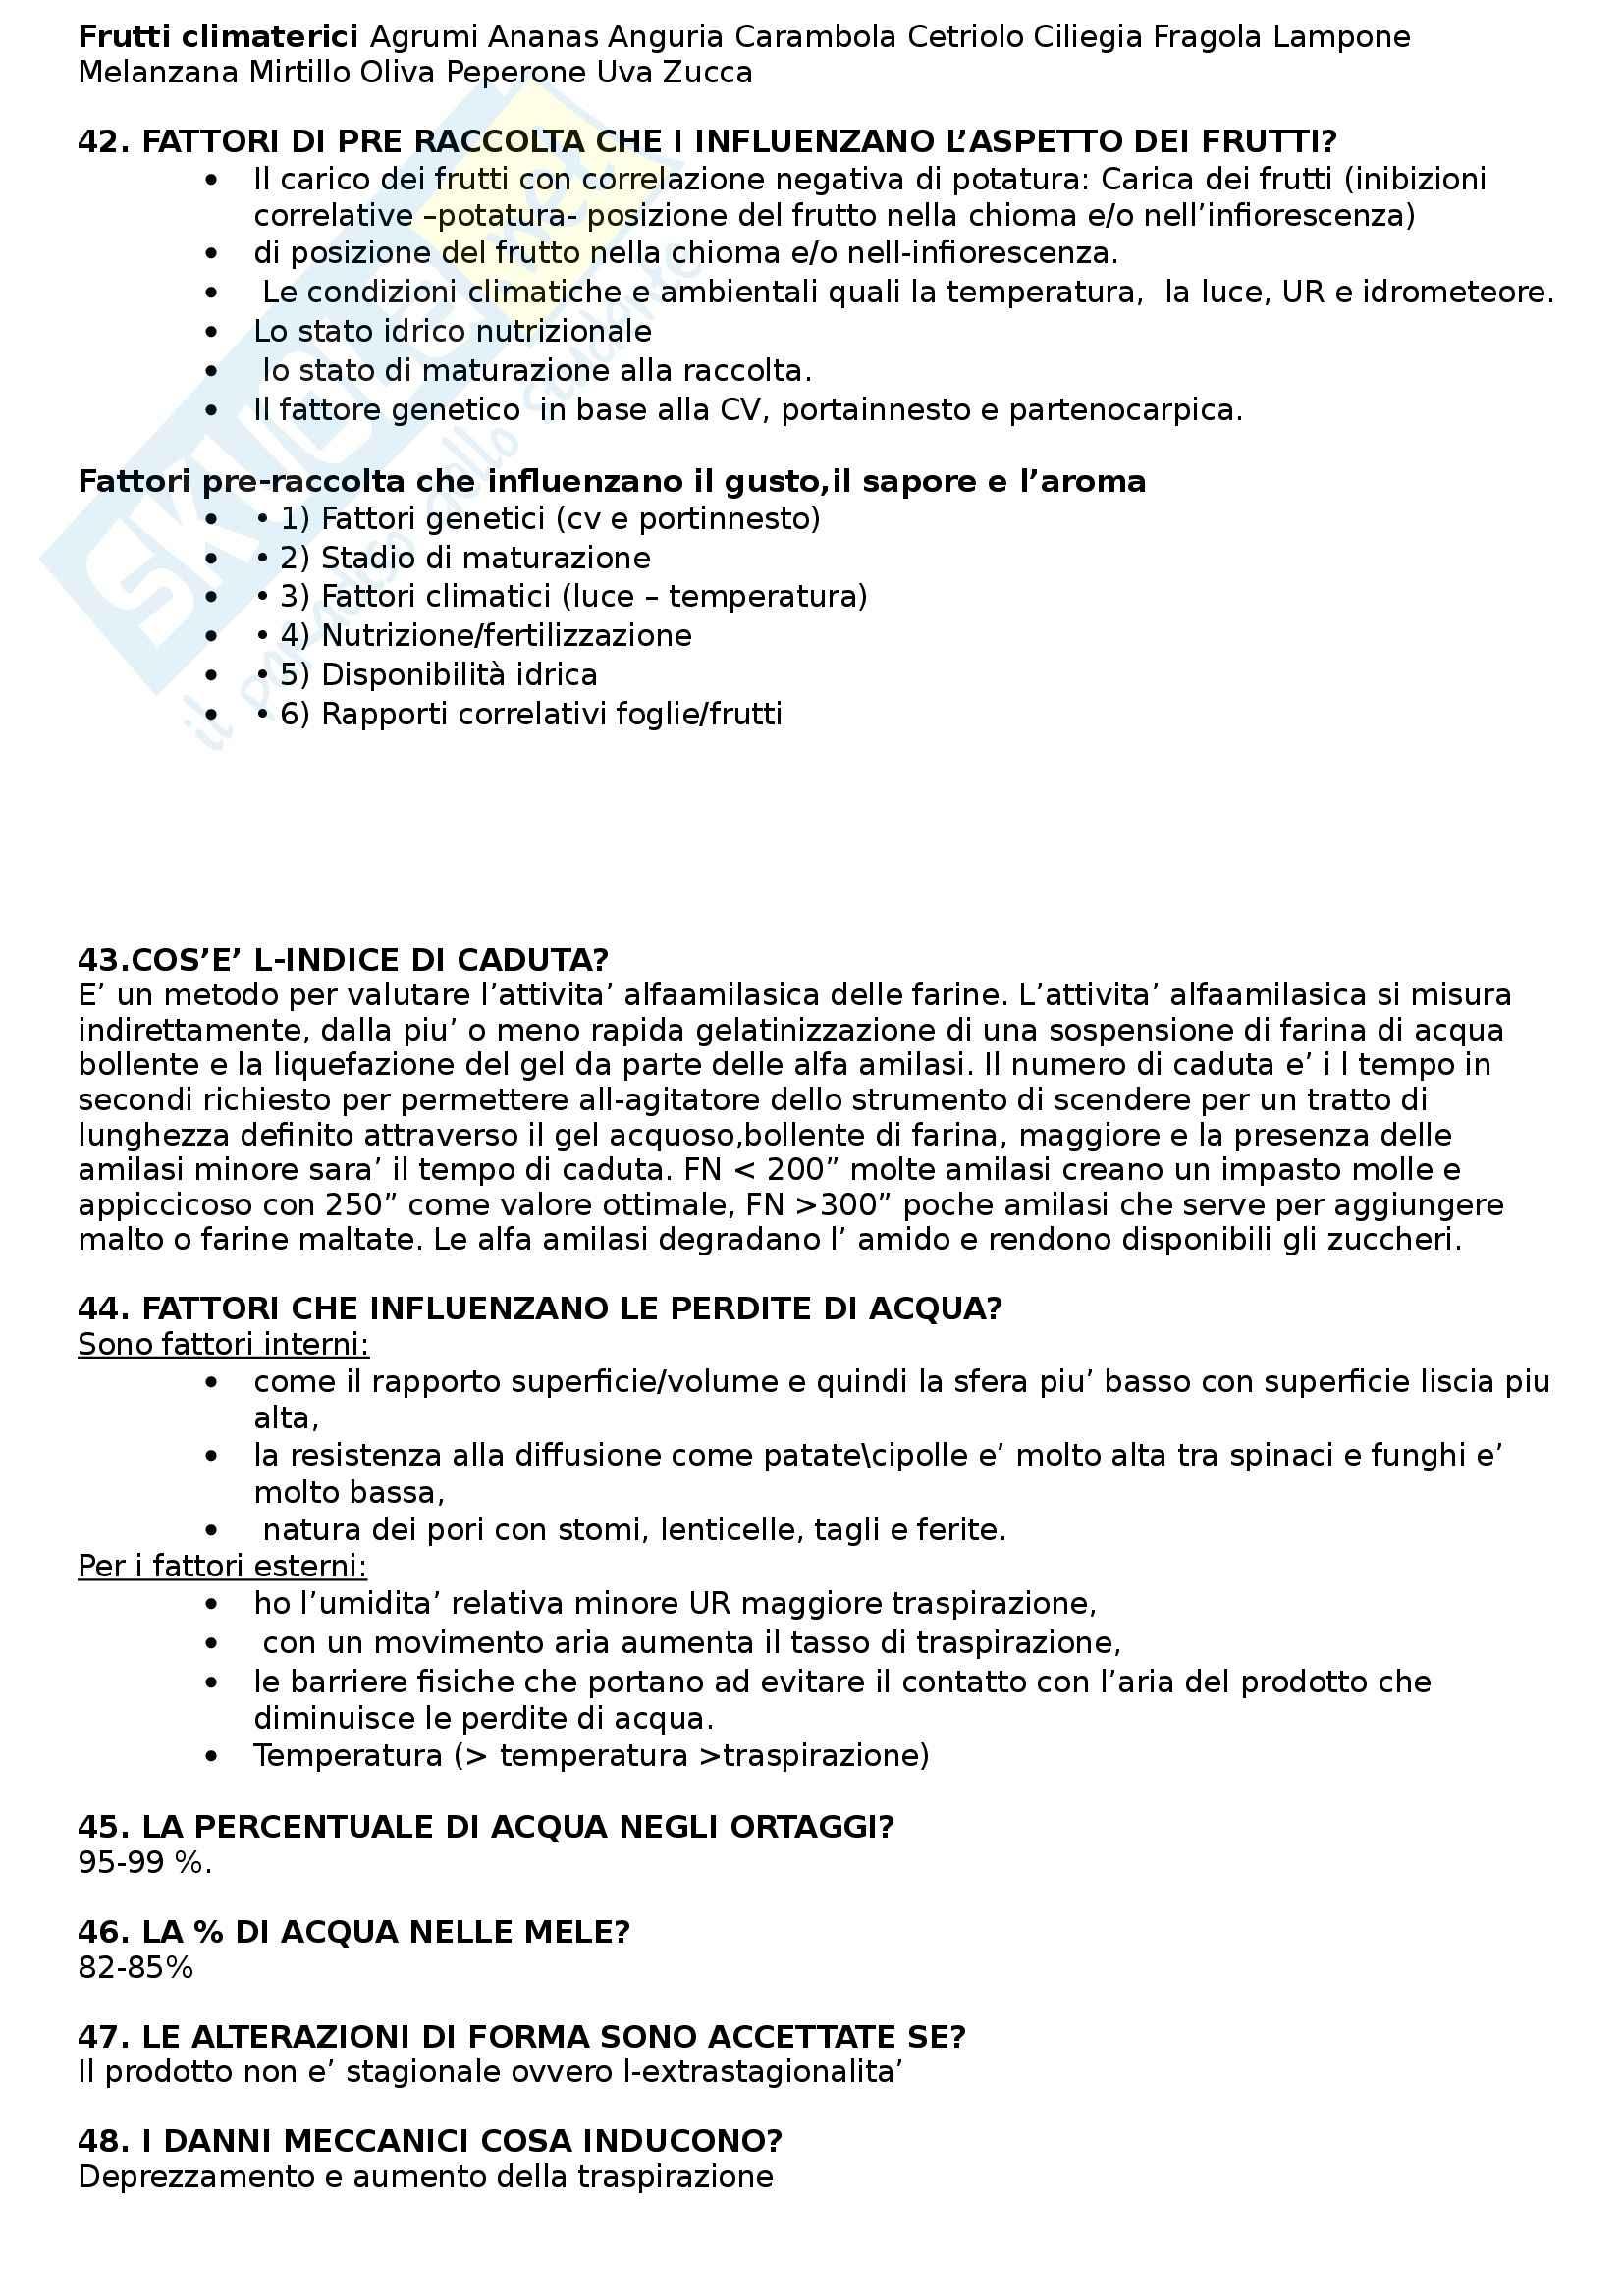 Riassunto esame Alimenti di origine vegetale, prof. Sambo Pag. 6